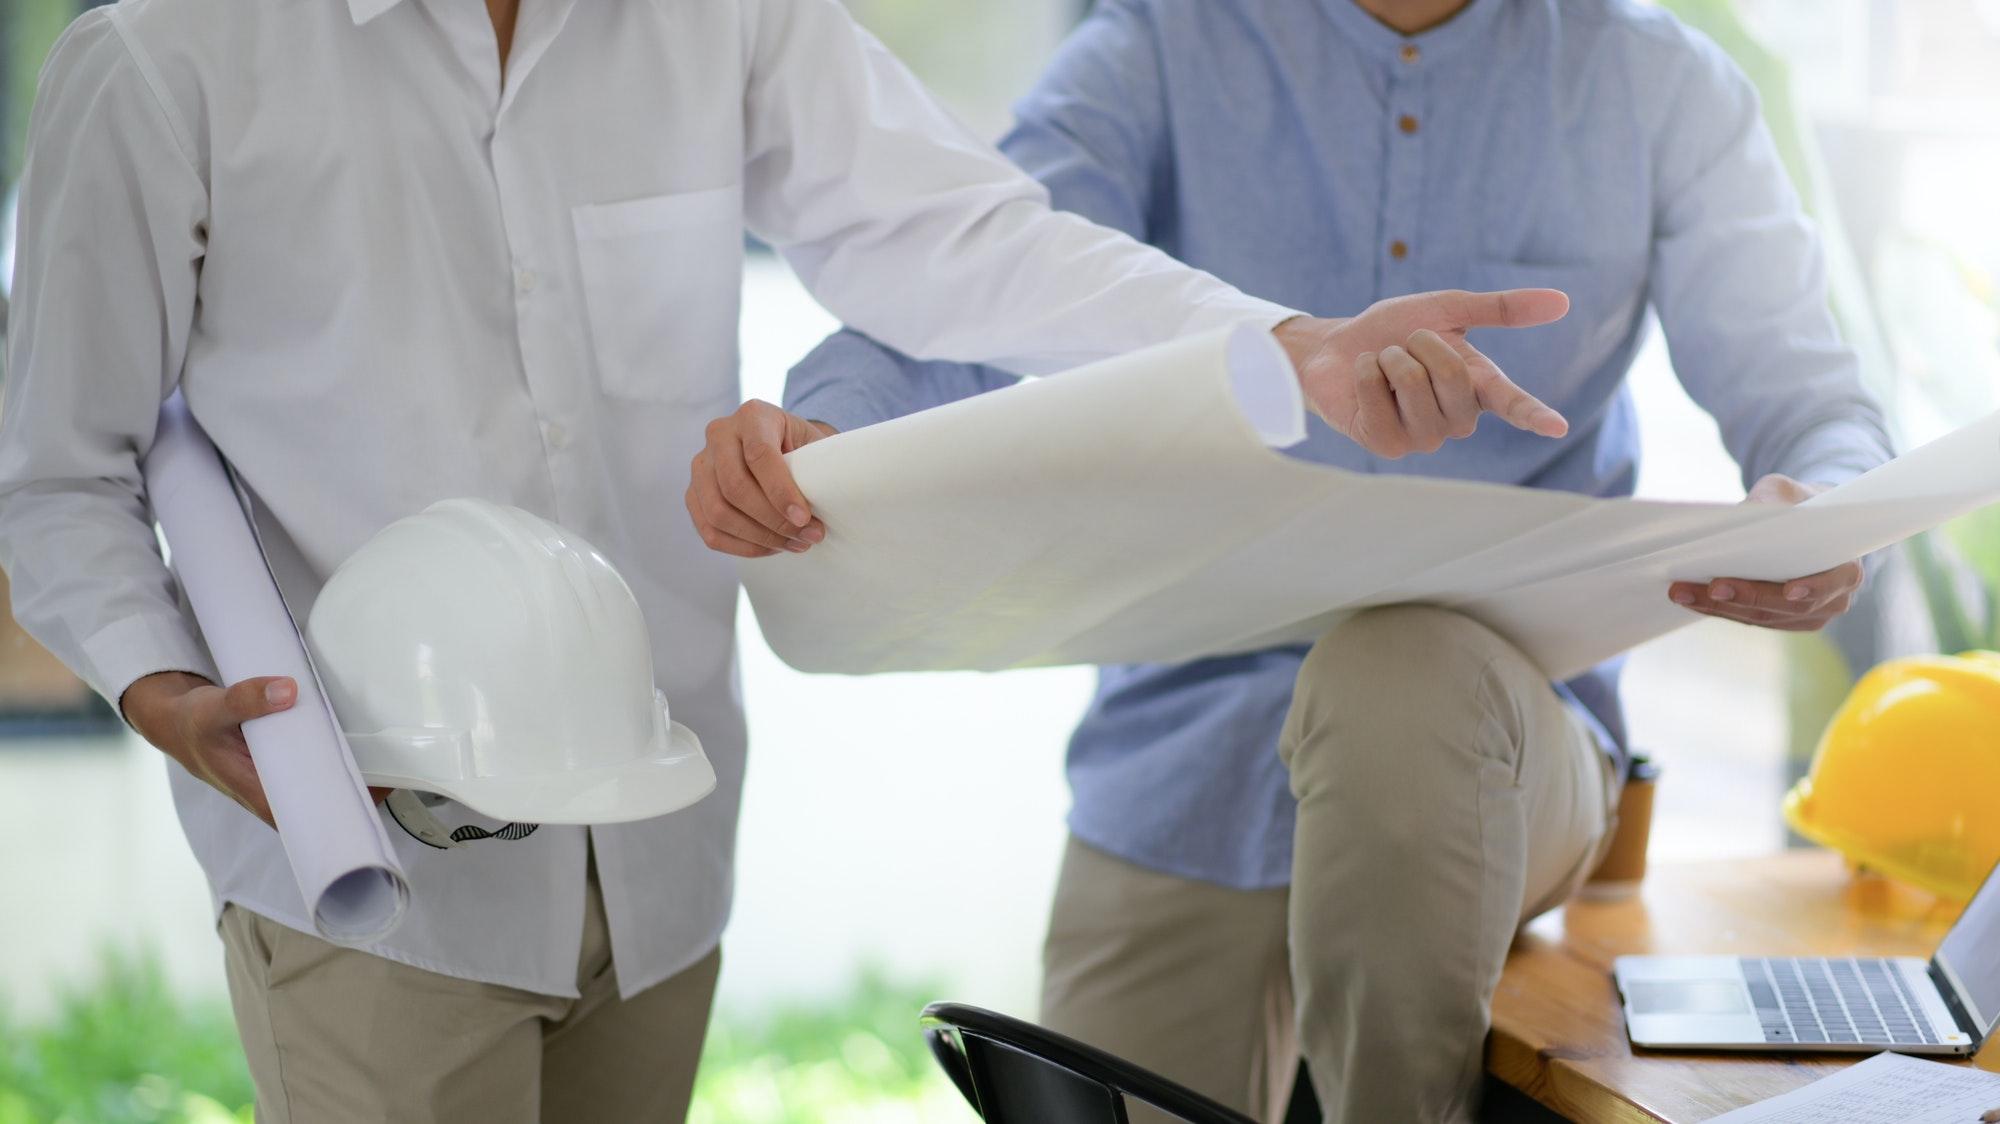 Reformas Las Palmas constructores de viviendas diseñando planos de las casas para planificar los trabajos de construcción.